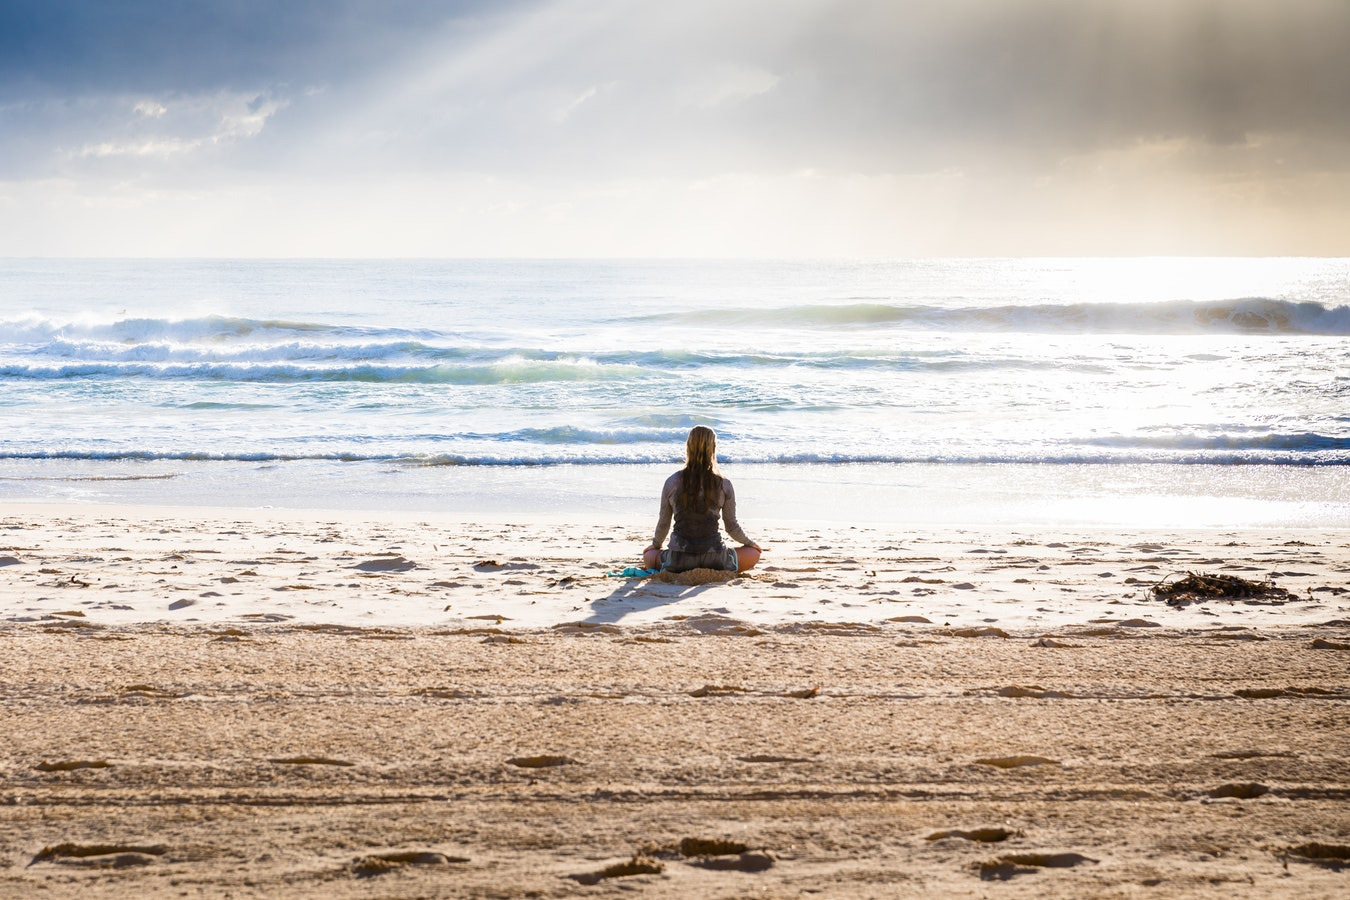 Voyageuse en pleine méditation dans la posture du lotus au bord de la mer